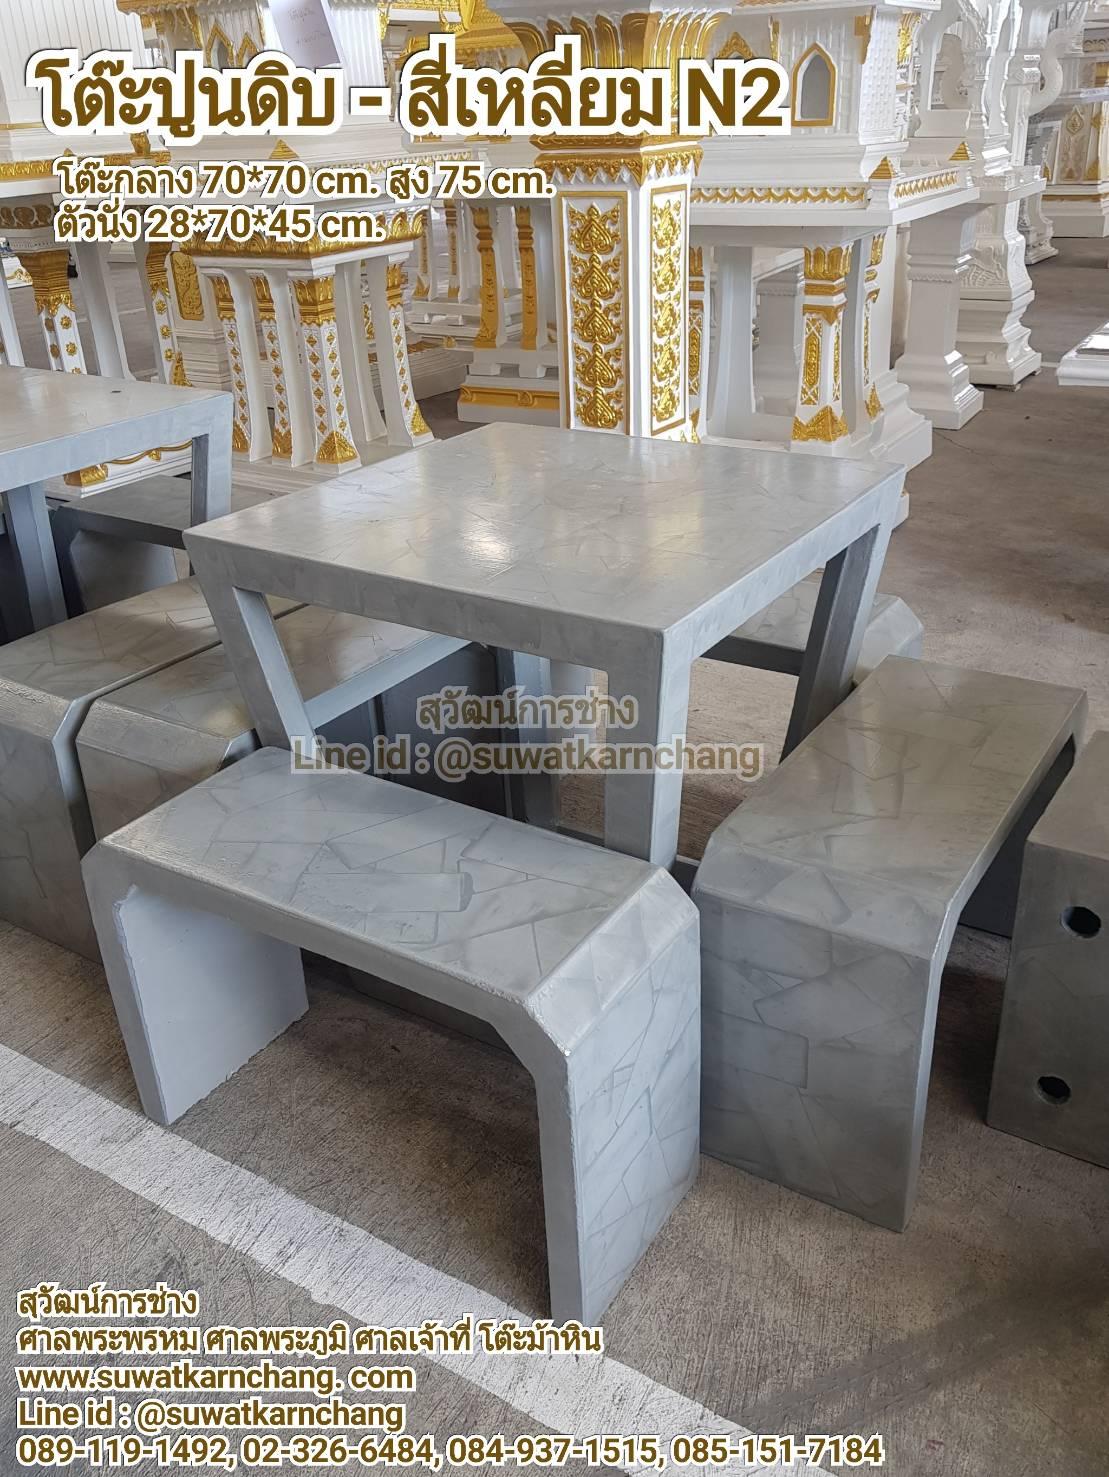 โต๊ะปูนดิบ  โต๊ะสไตล์ลอฟท์